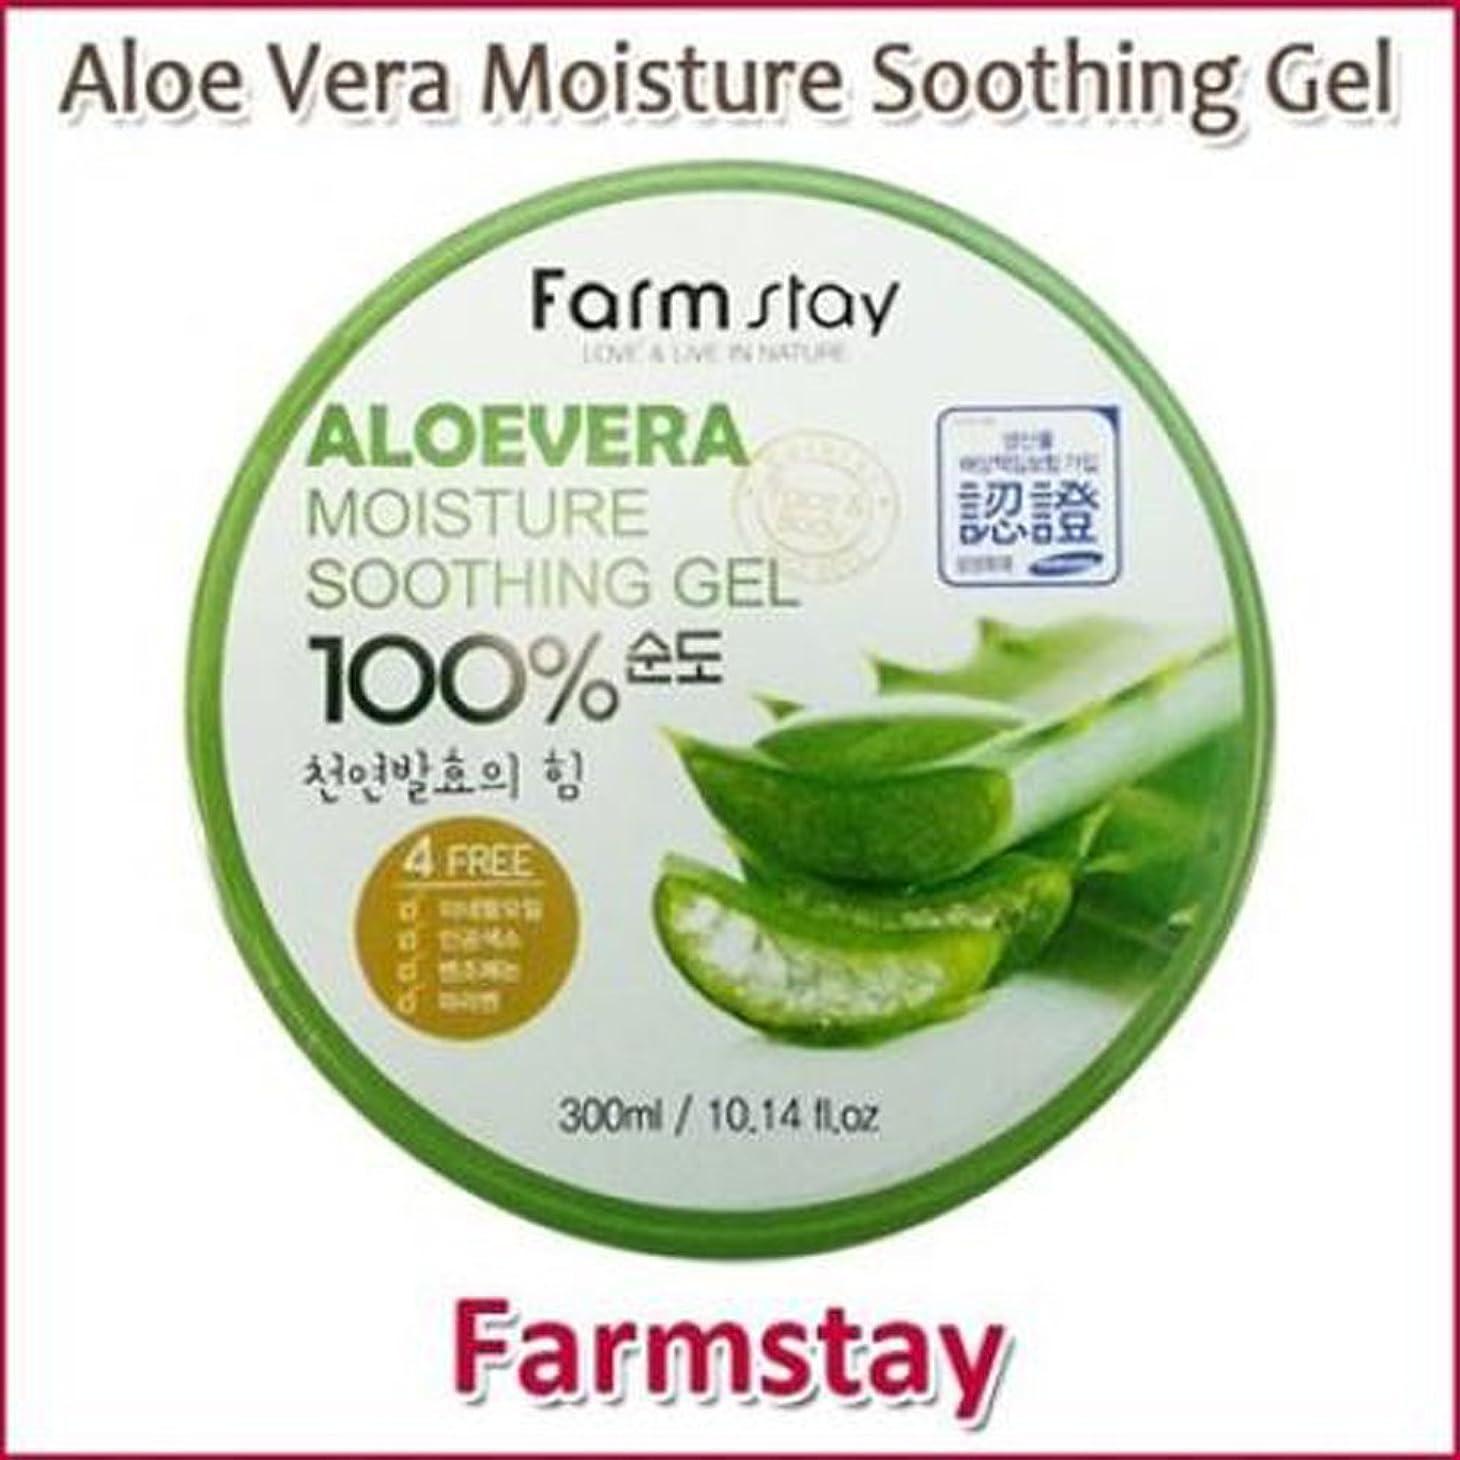 咳素晴らしきスチュアート島Farm Stay Aloe Vera Moisture Soothing Gel 300ml /オーガニック アロエベラゲル 100%/保湿ケア/韓国コスメ/Aloe Vera 100% /Moisturizing [並行輸入品]